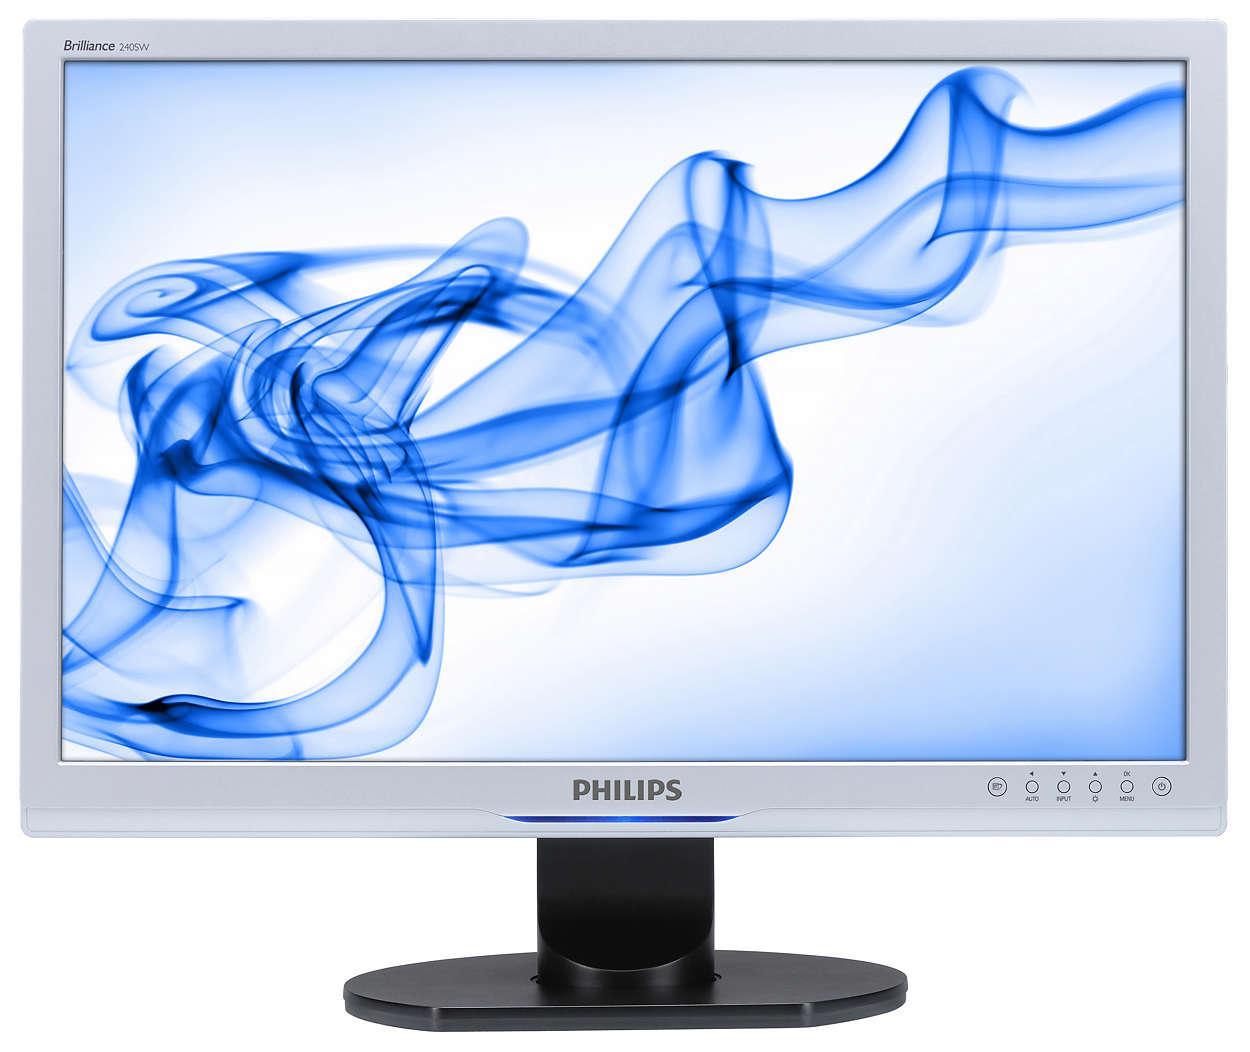 Ecran lat mare pentru o productivitate sporită